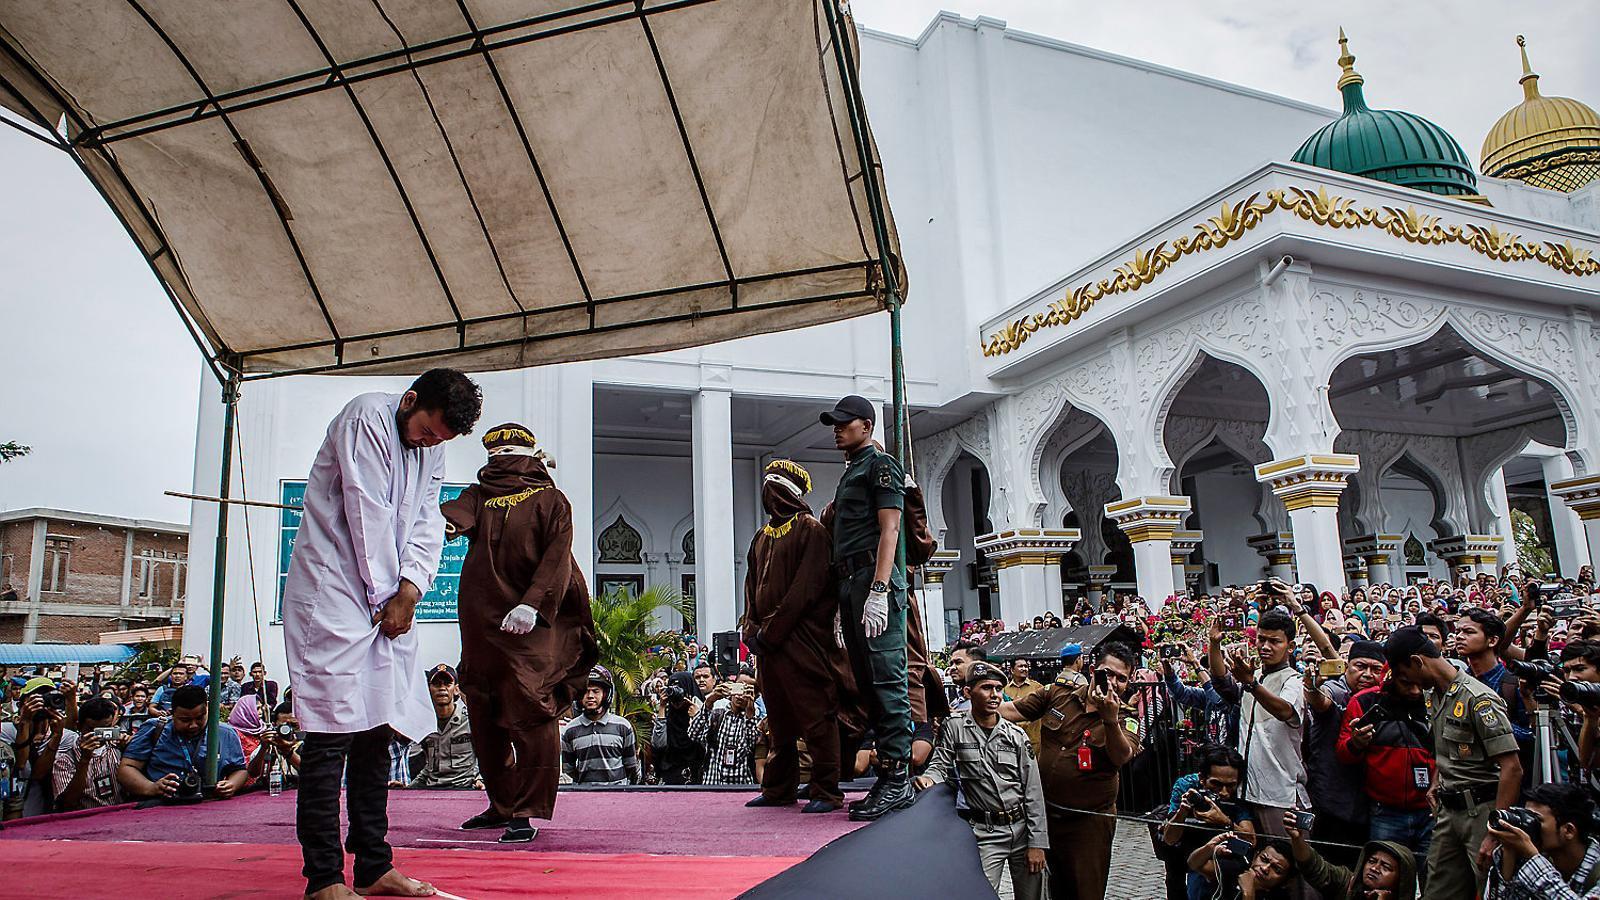 Les dues cares de l'islam a Indonèsia